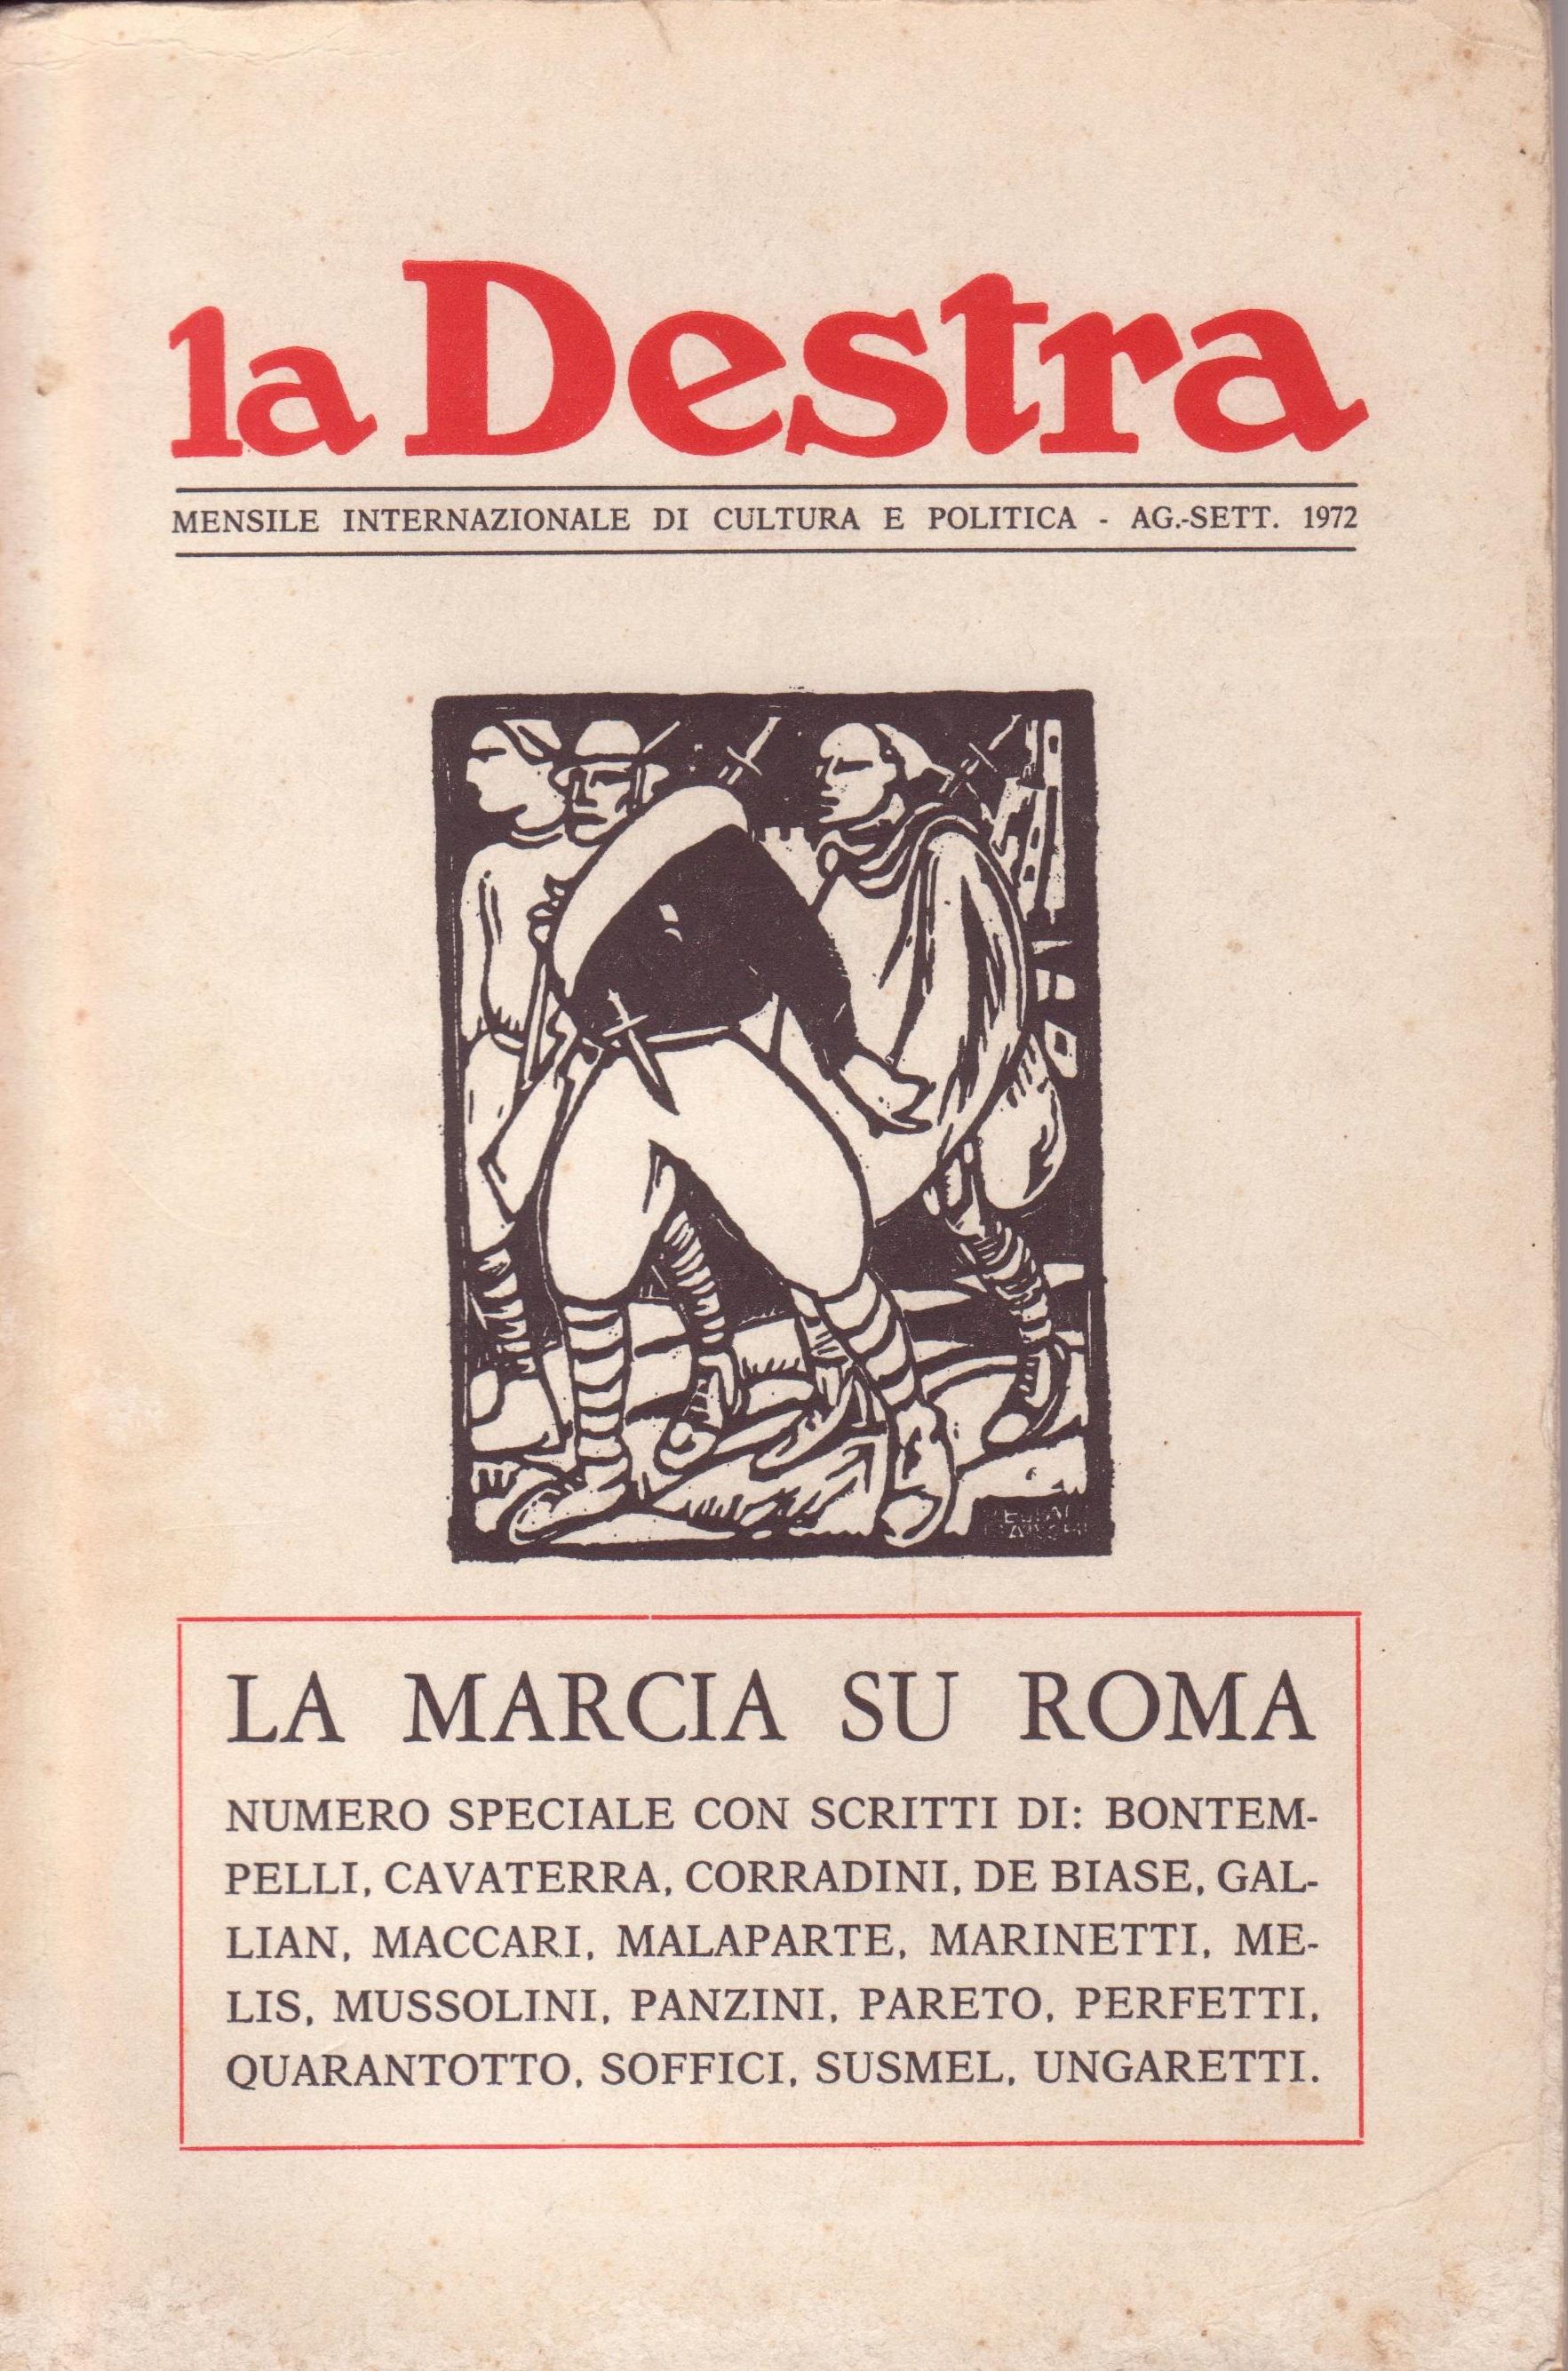 La Destra, Anno II, n. 8-9 (agosto-settembre 1972)